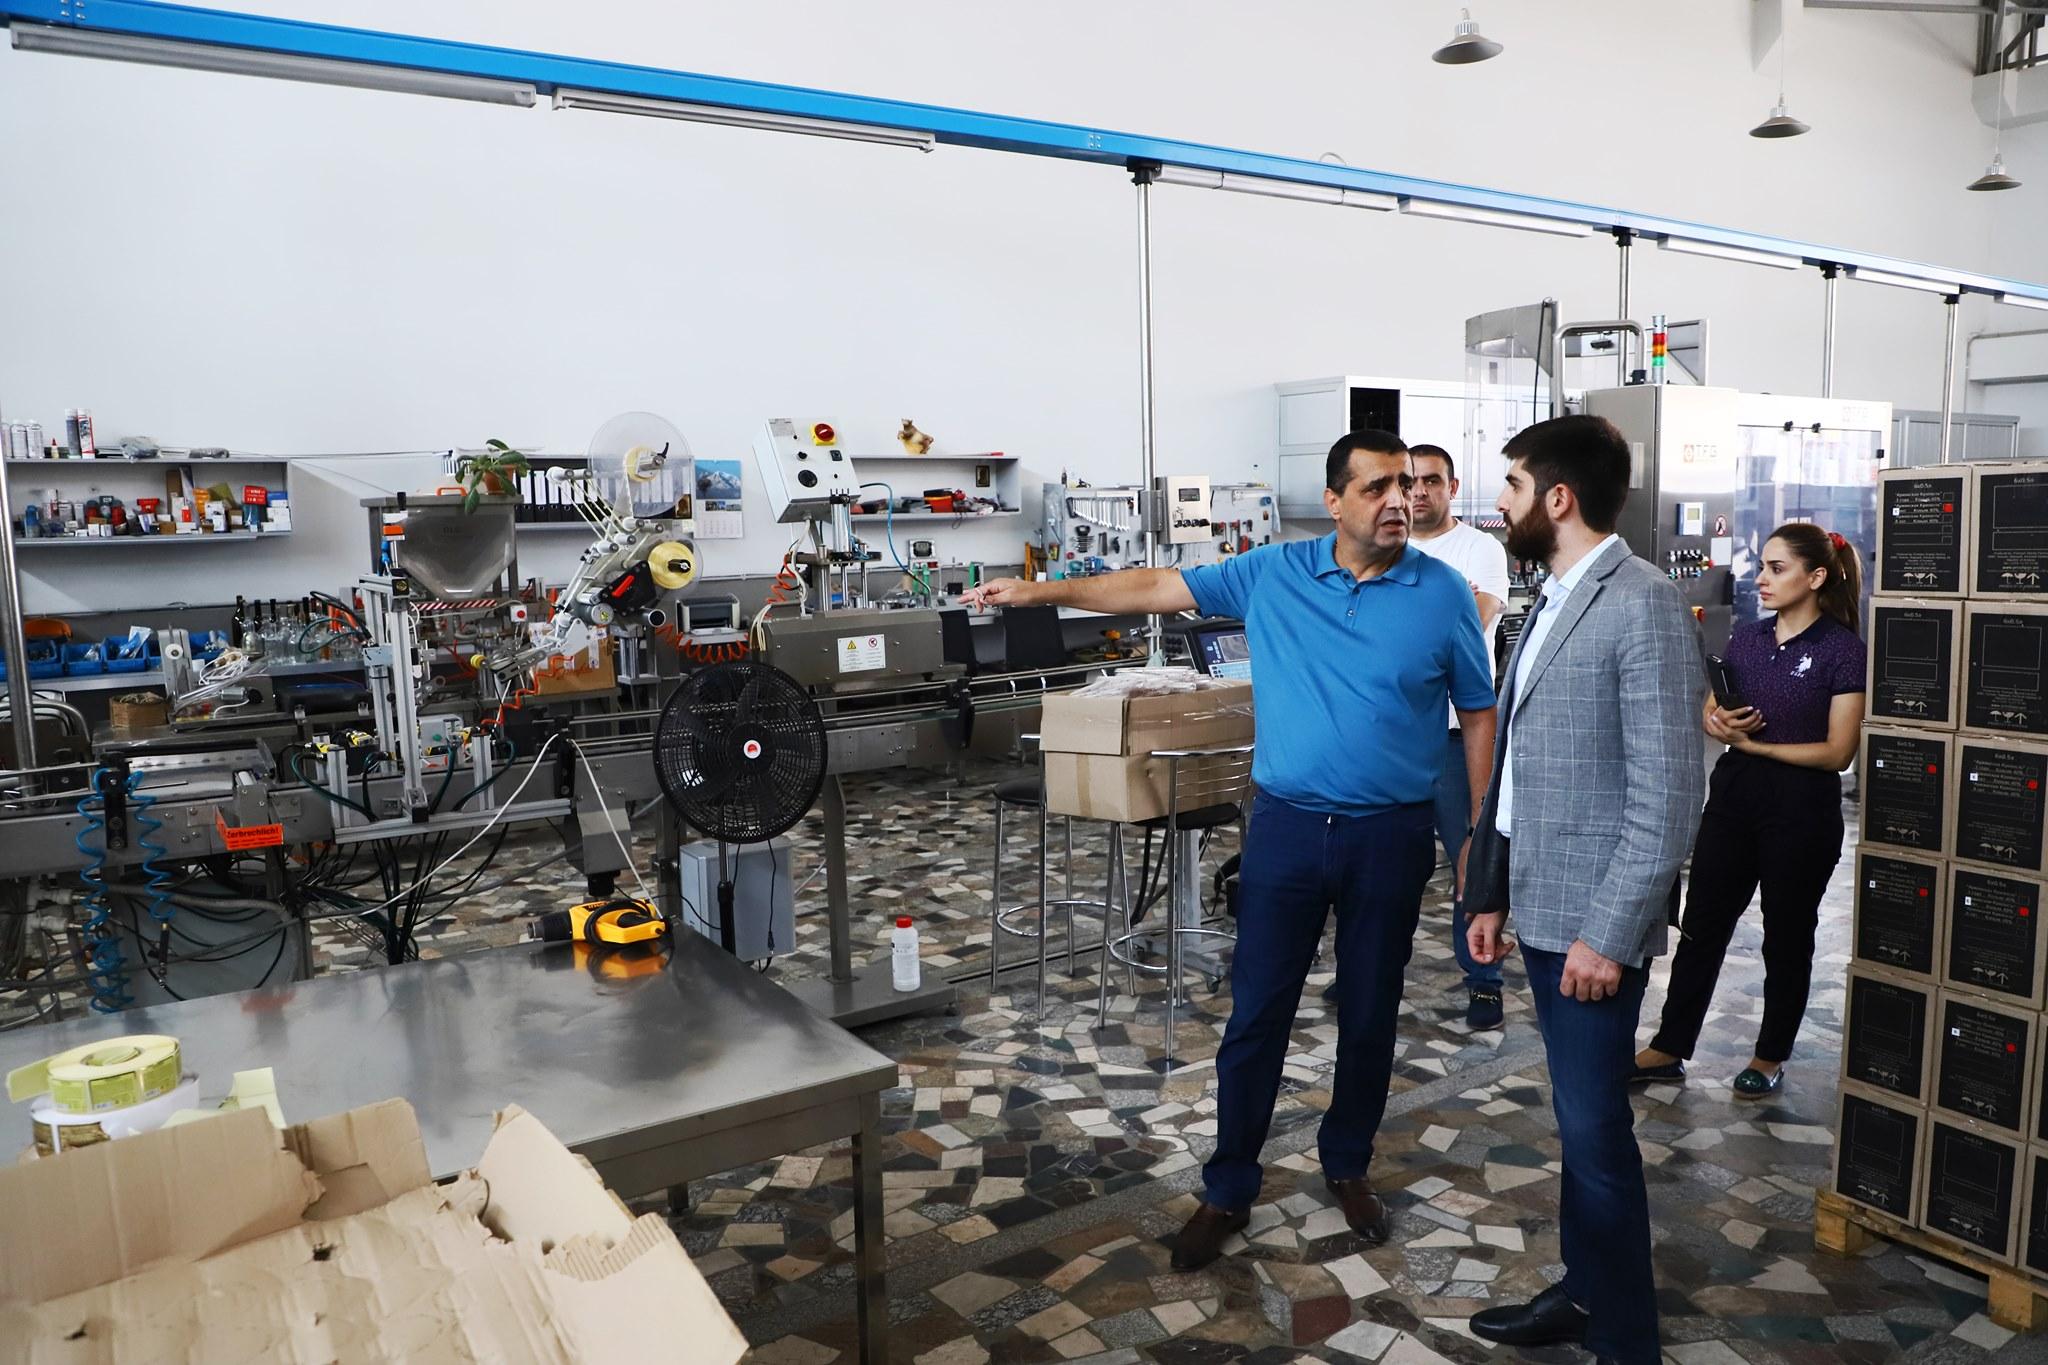 Նախարարի տեղակալ Արման Խոջոյանն այցելել է Պռոշյանի կոնյակի և Արարատի գինու գործարաններ